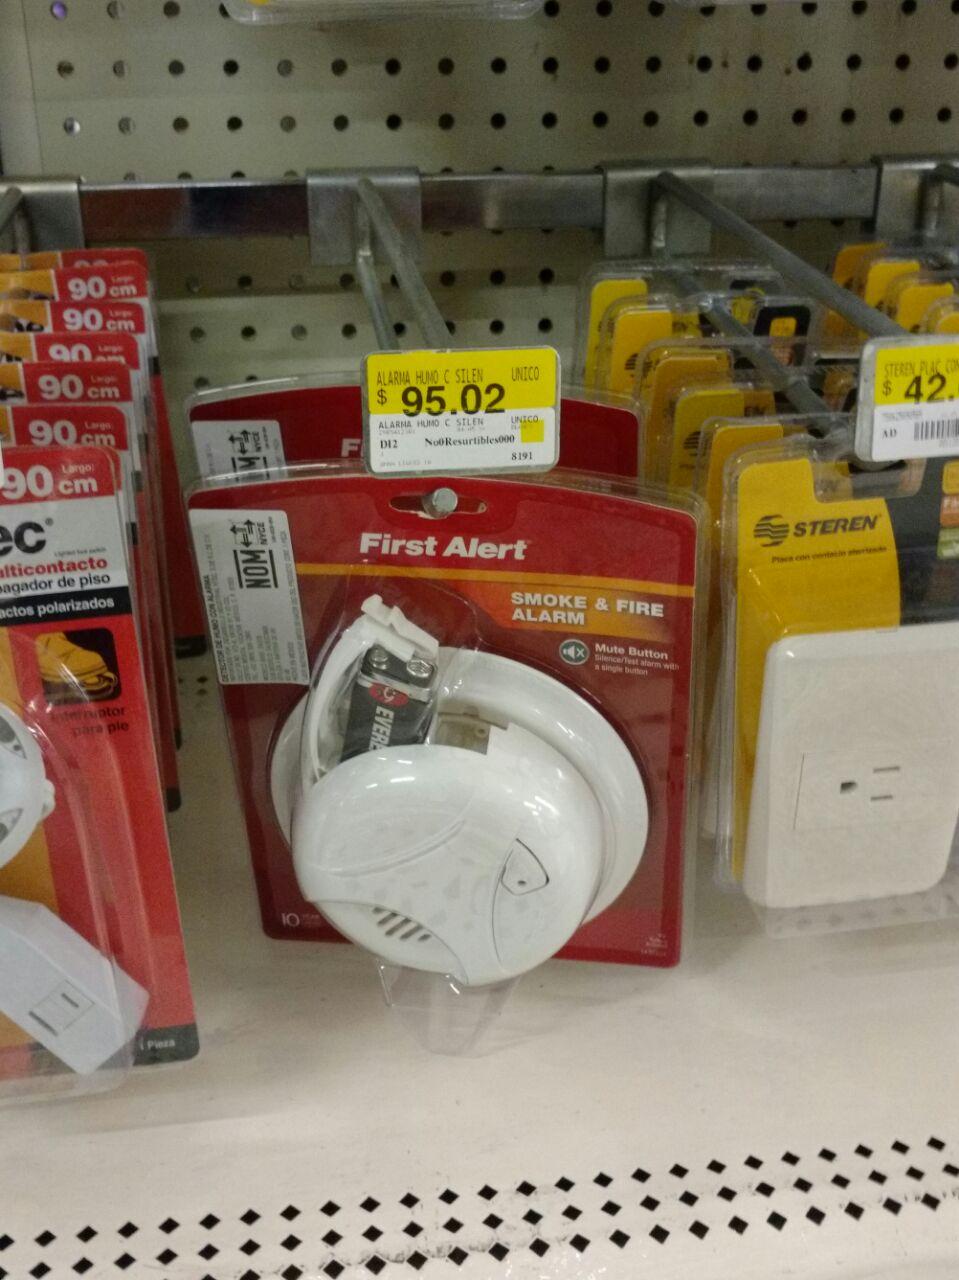 Walmart Miguel Ángel de Quevedo: batería para niños, guitarras eléctricas, alarma contra fuego y más